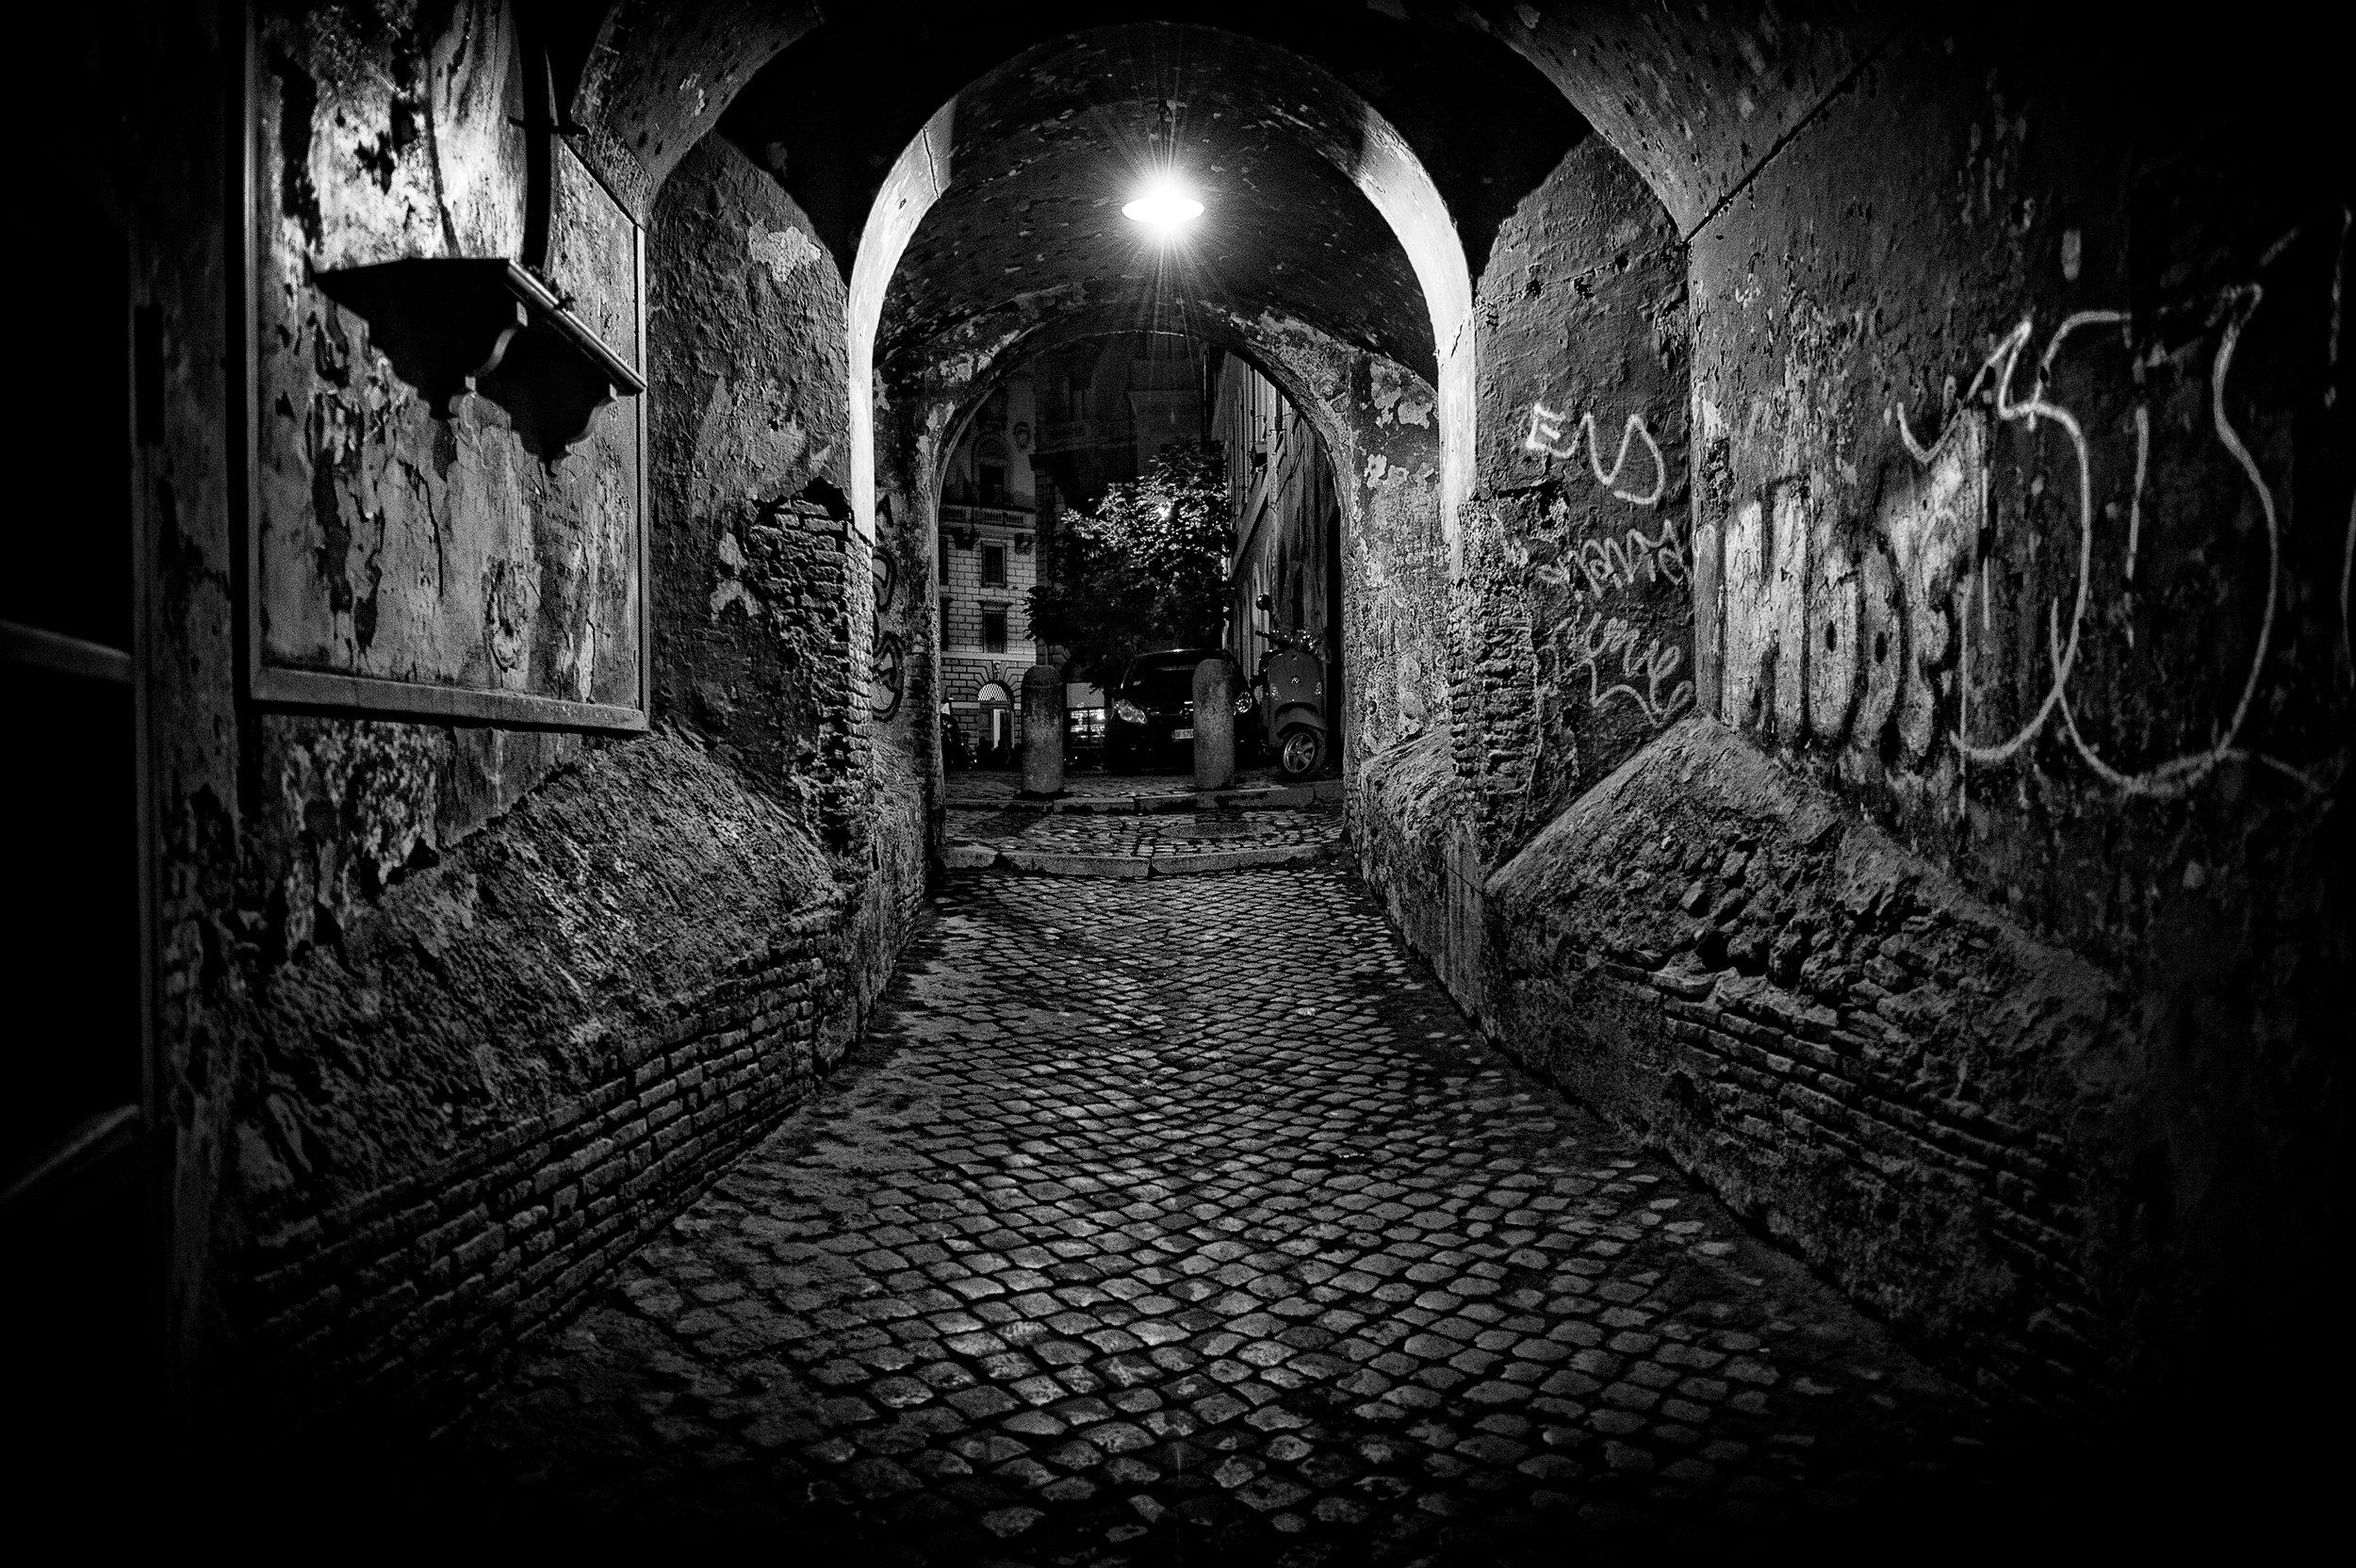 Italy-John Bardell-0800b.jpg